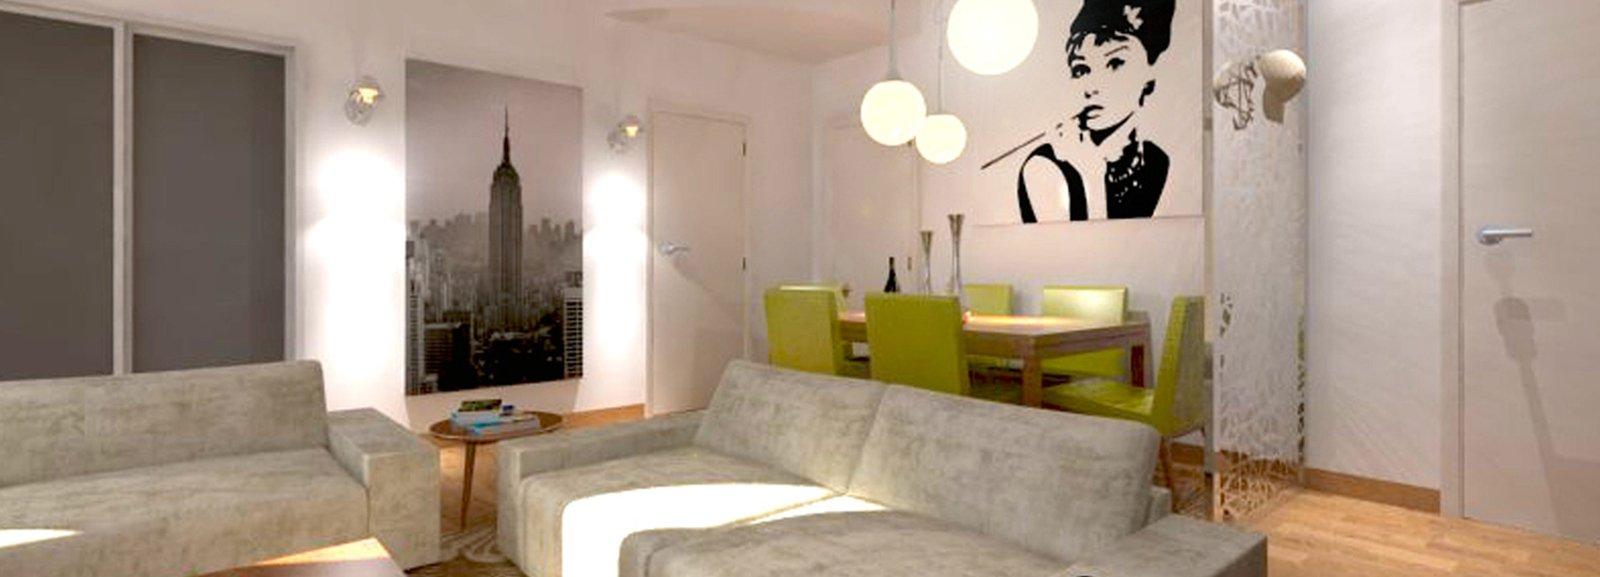 Divano luci e tavolo quale disposizione  Cose di Casa